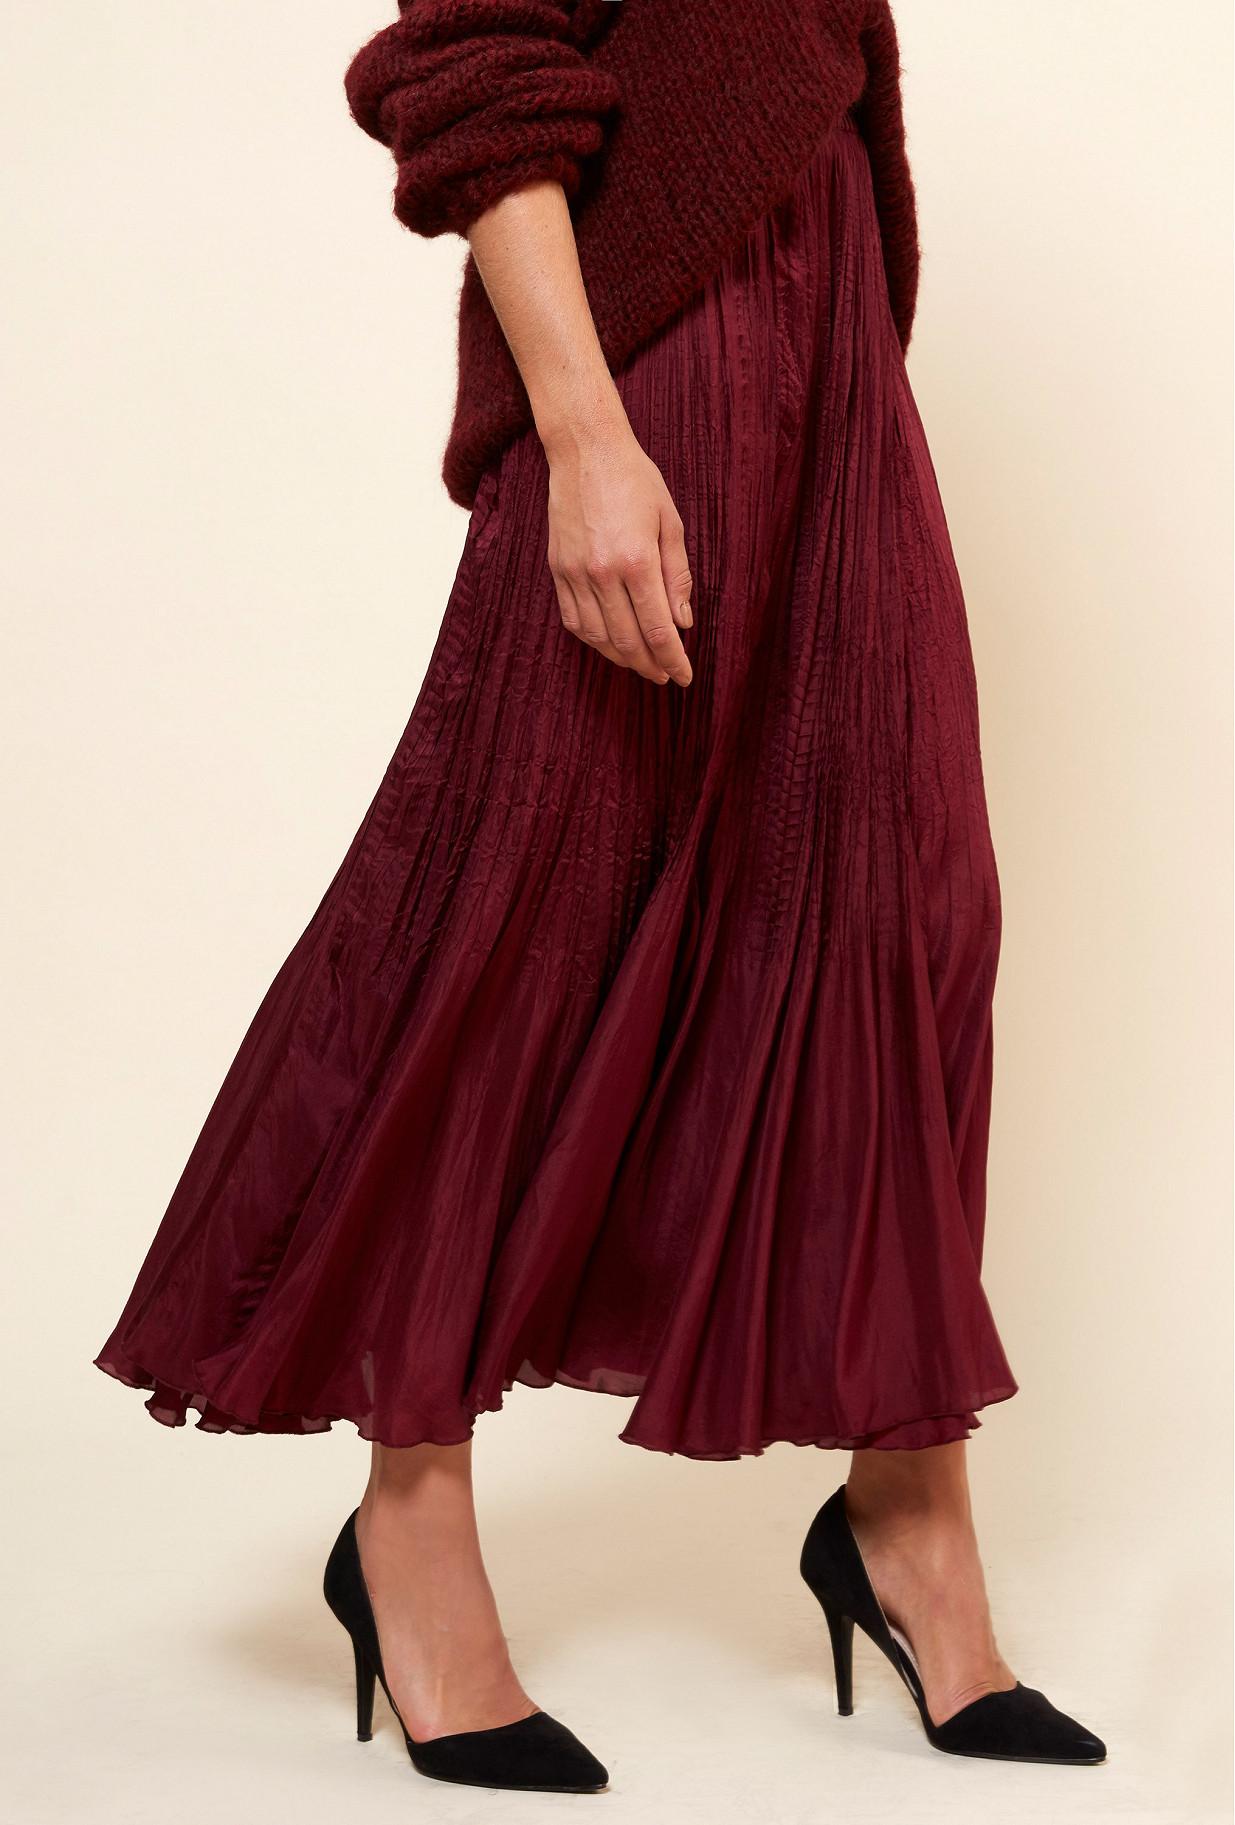 Paris clothes store Skirt Phedre french designer fashion Paris